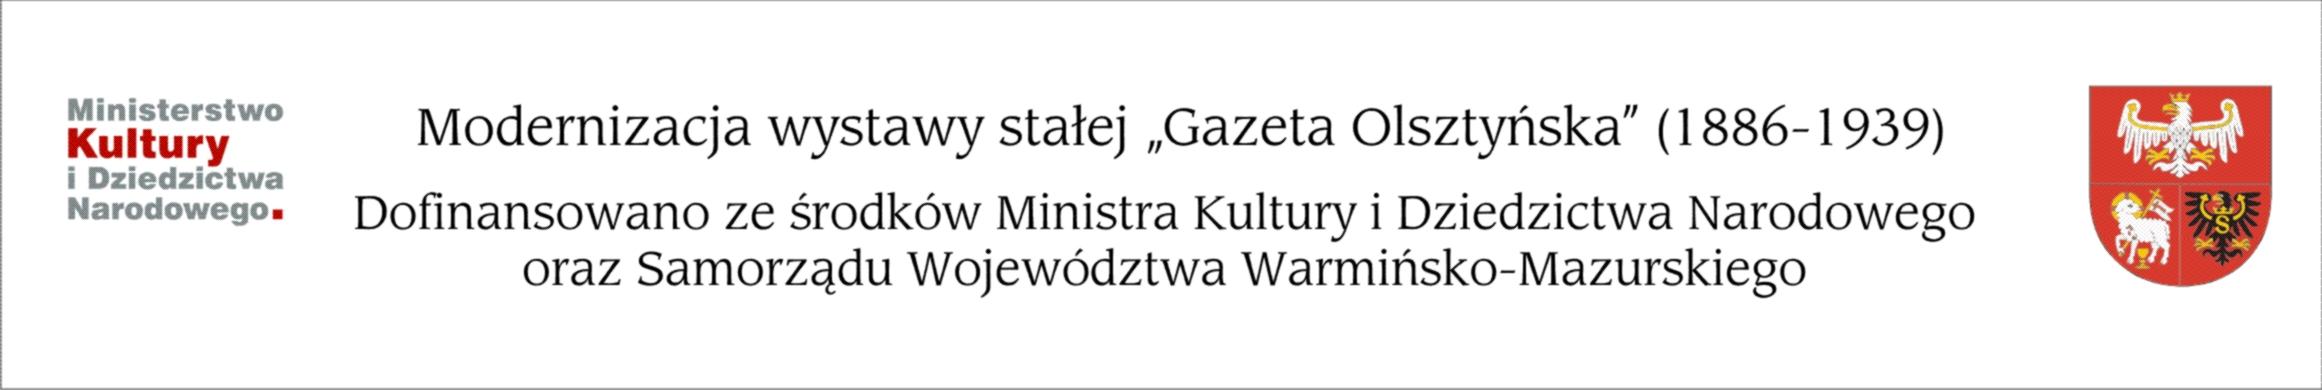 https://m.wmwm.pl/2017/10/orig/gazeta-belka-5870.jpg